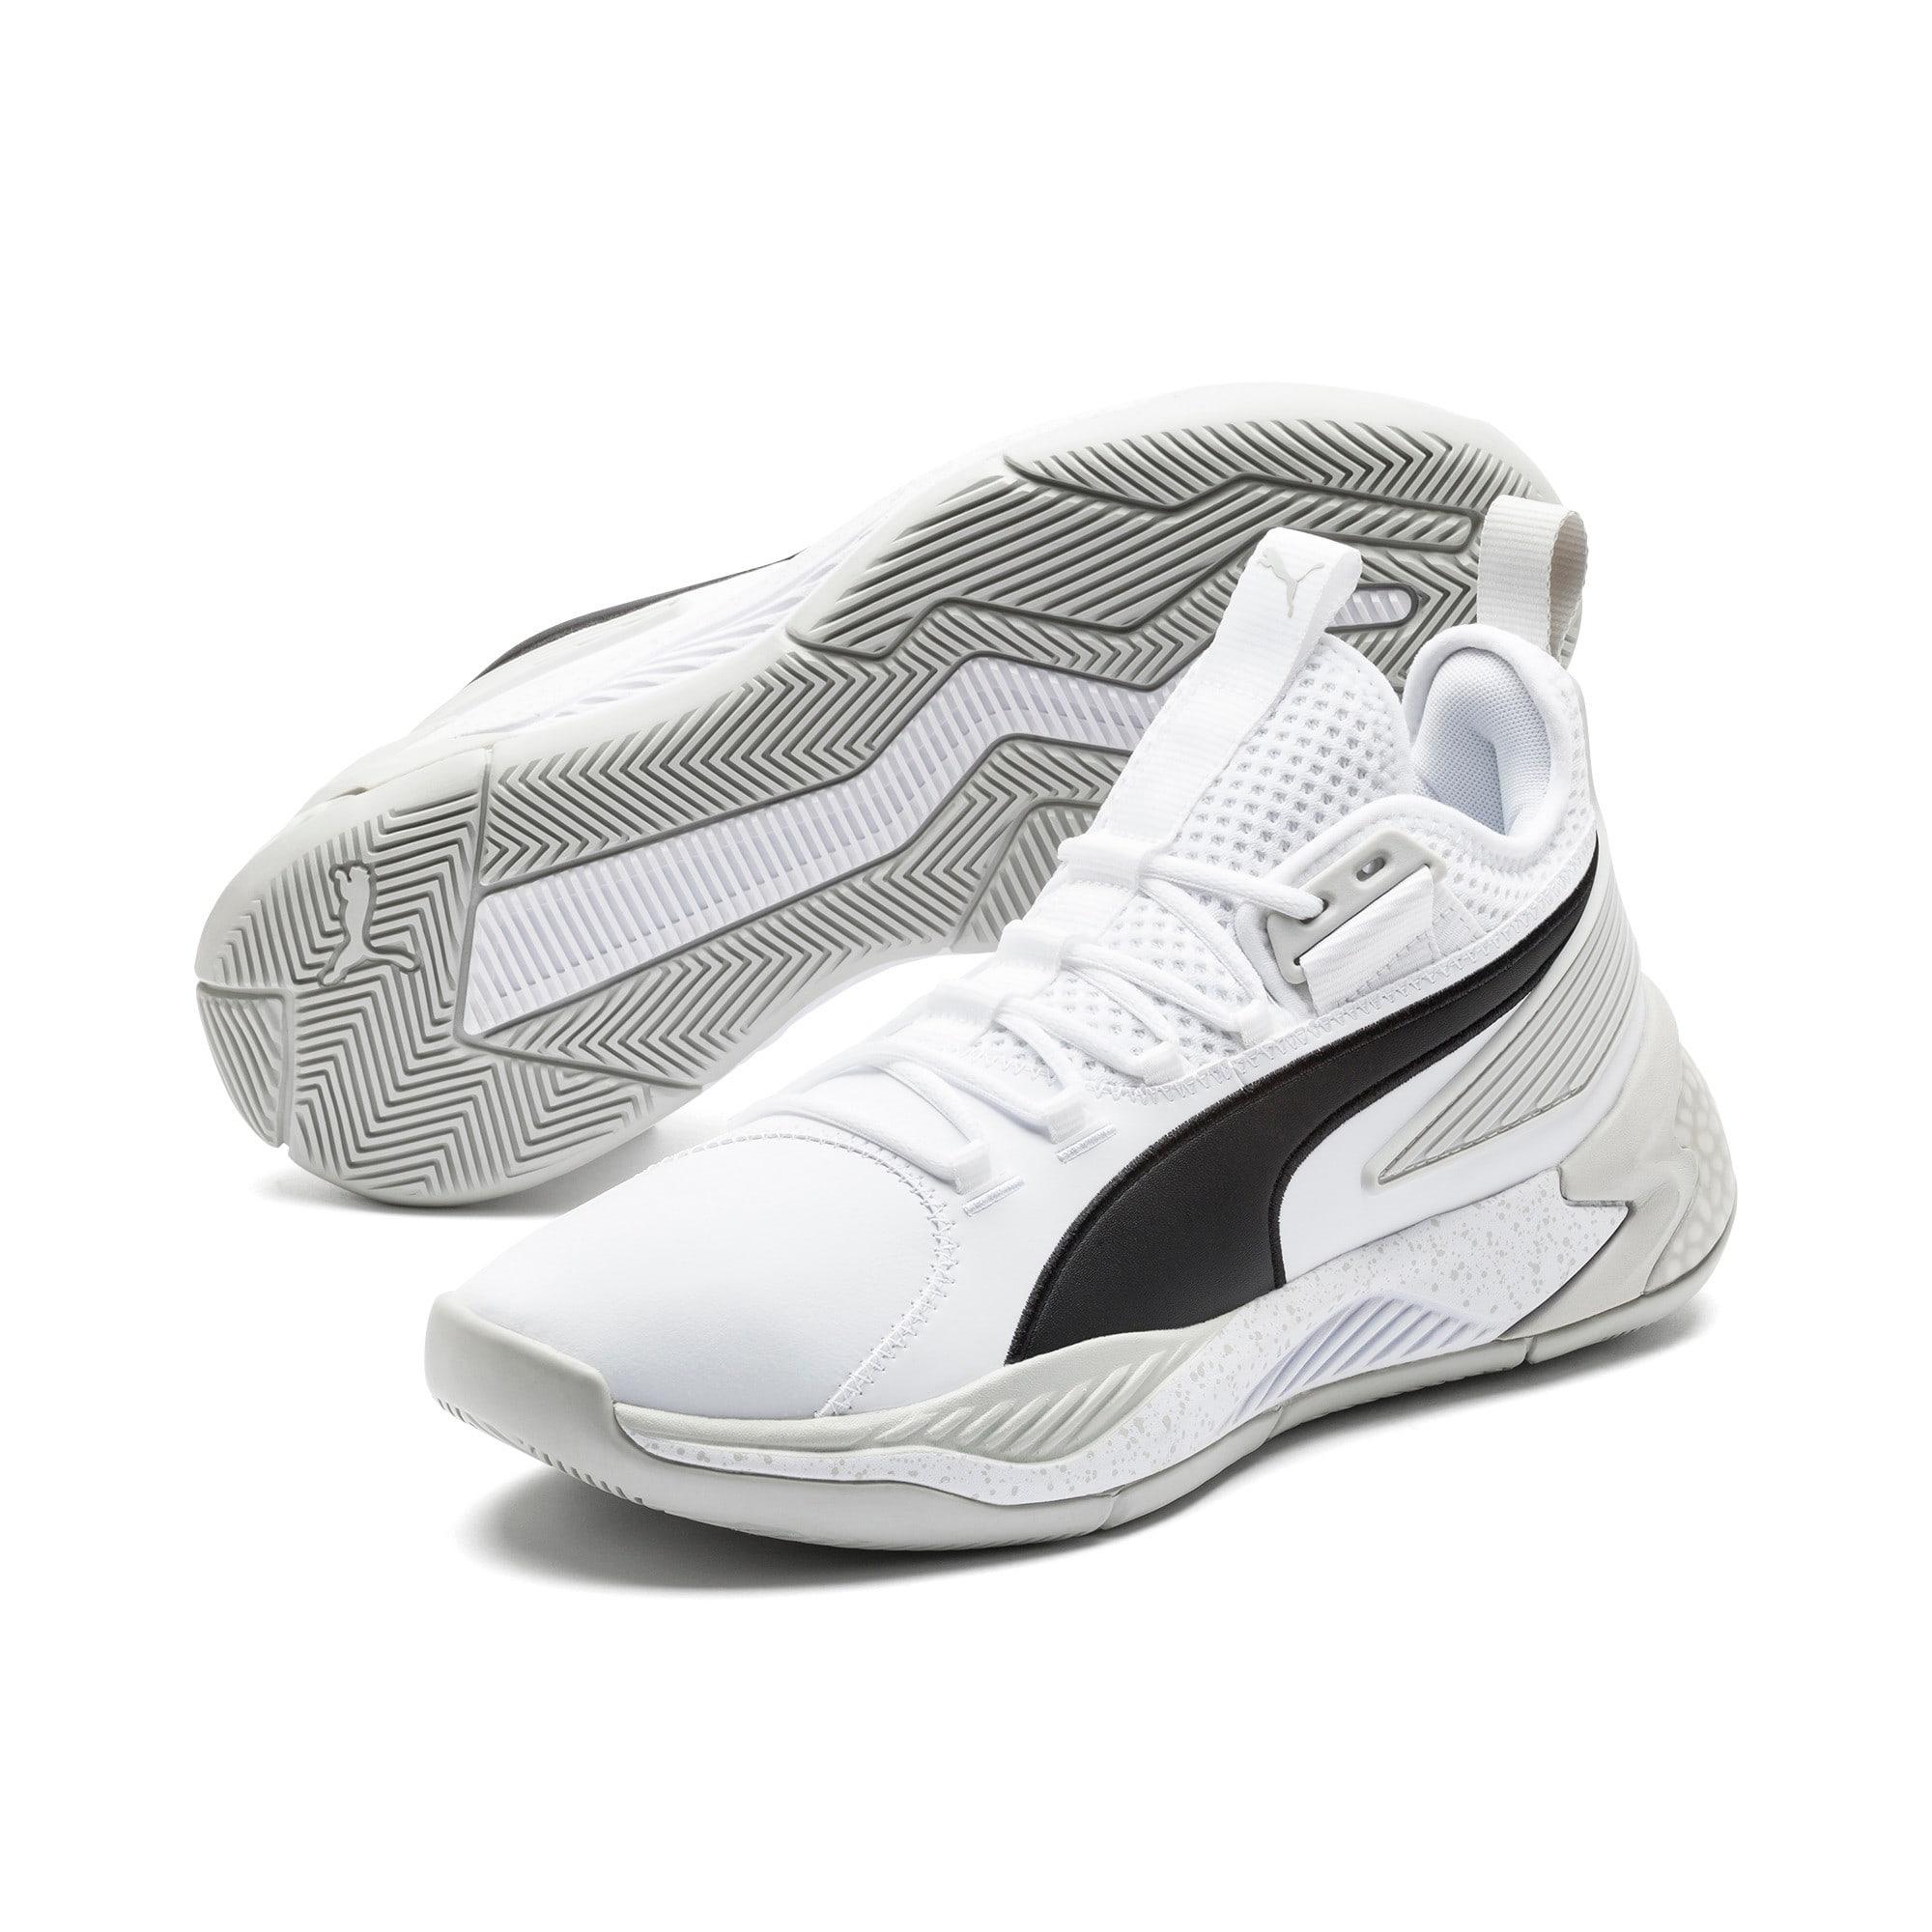 Imagen en miniatura 2 de Zapatillas de baloncesto de hombre Uproar Core, Puma White-Glacier Gray, mediana